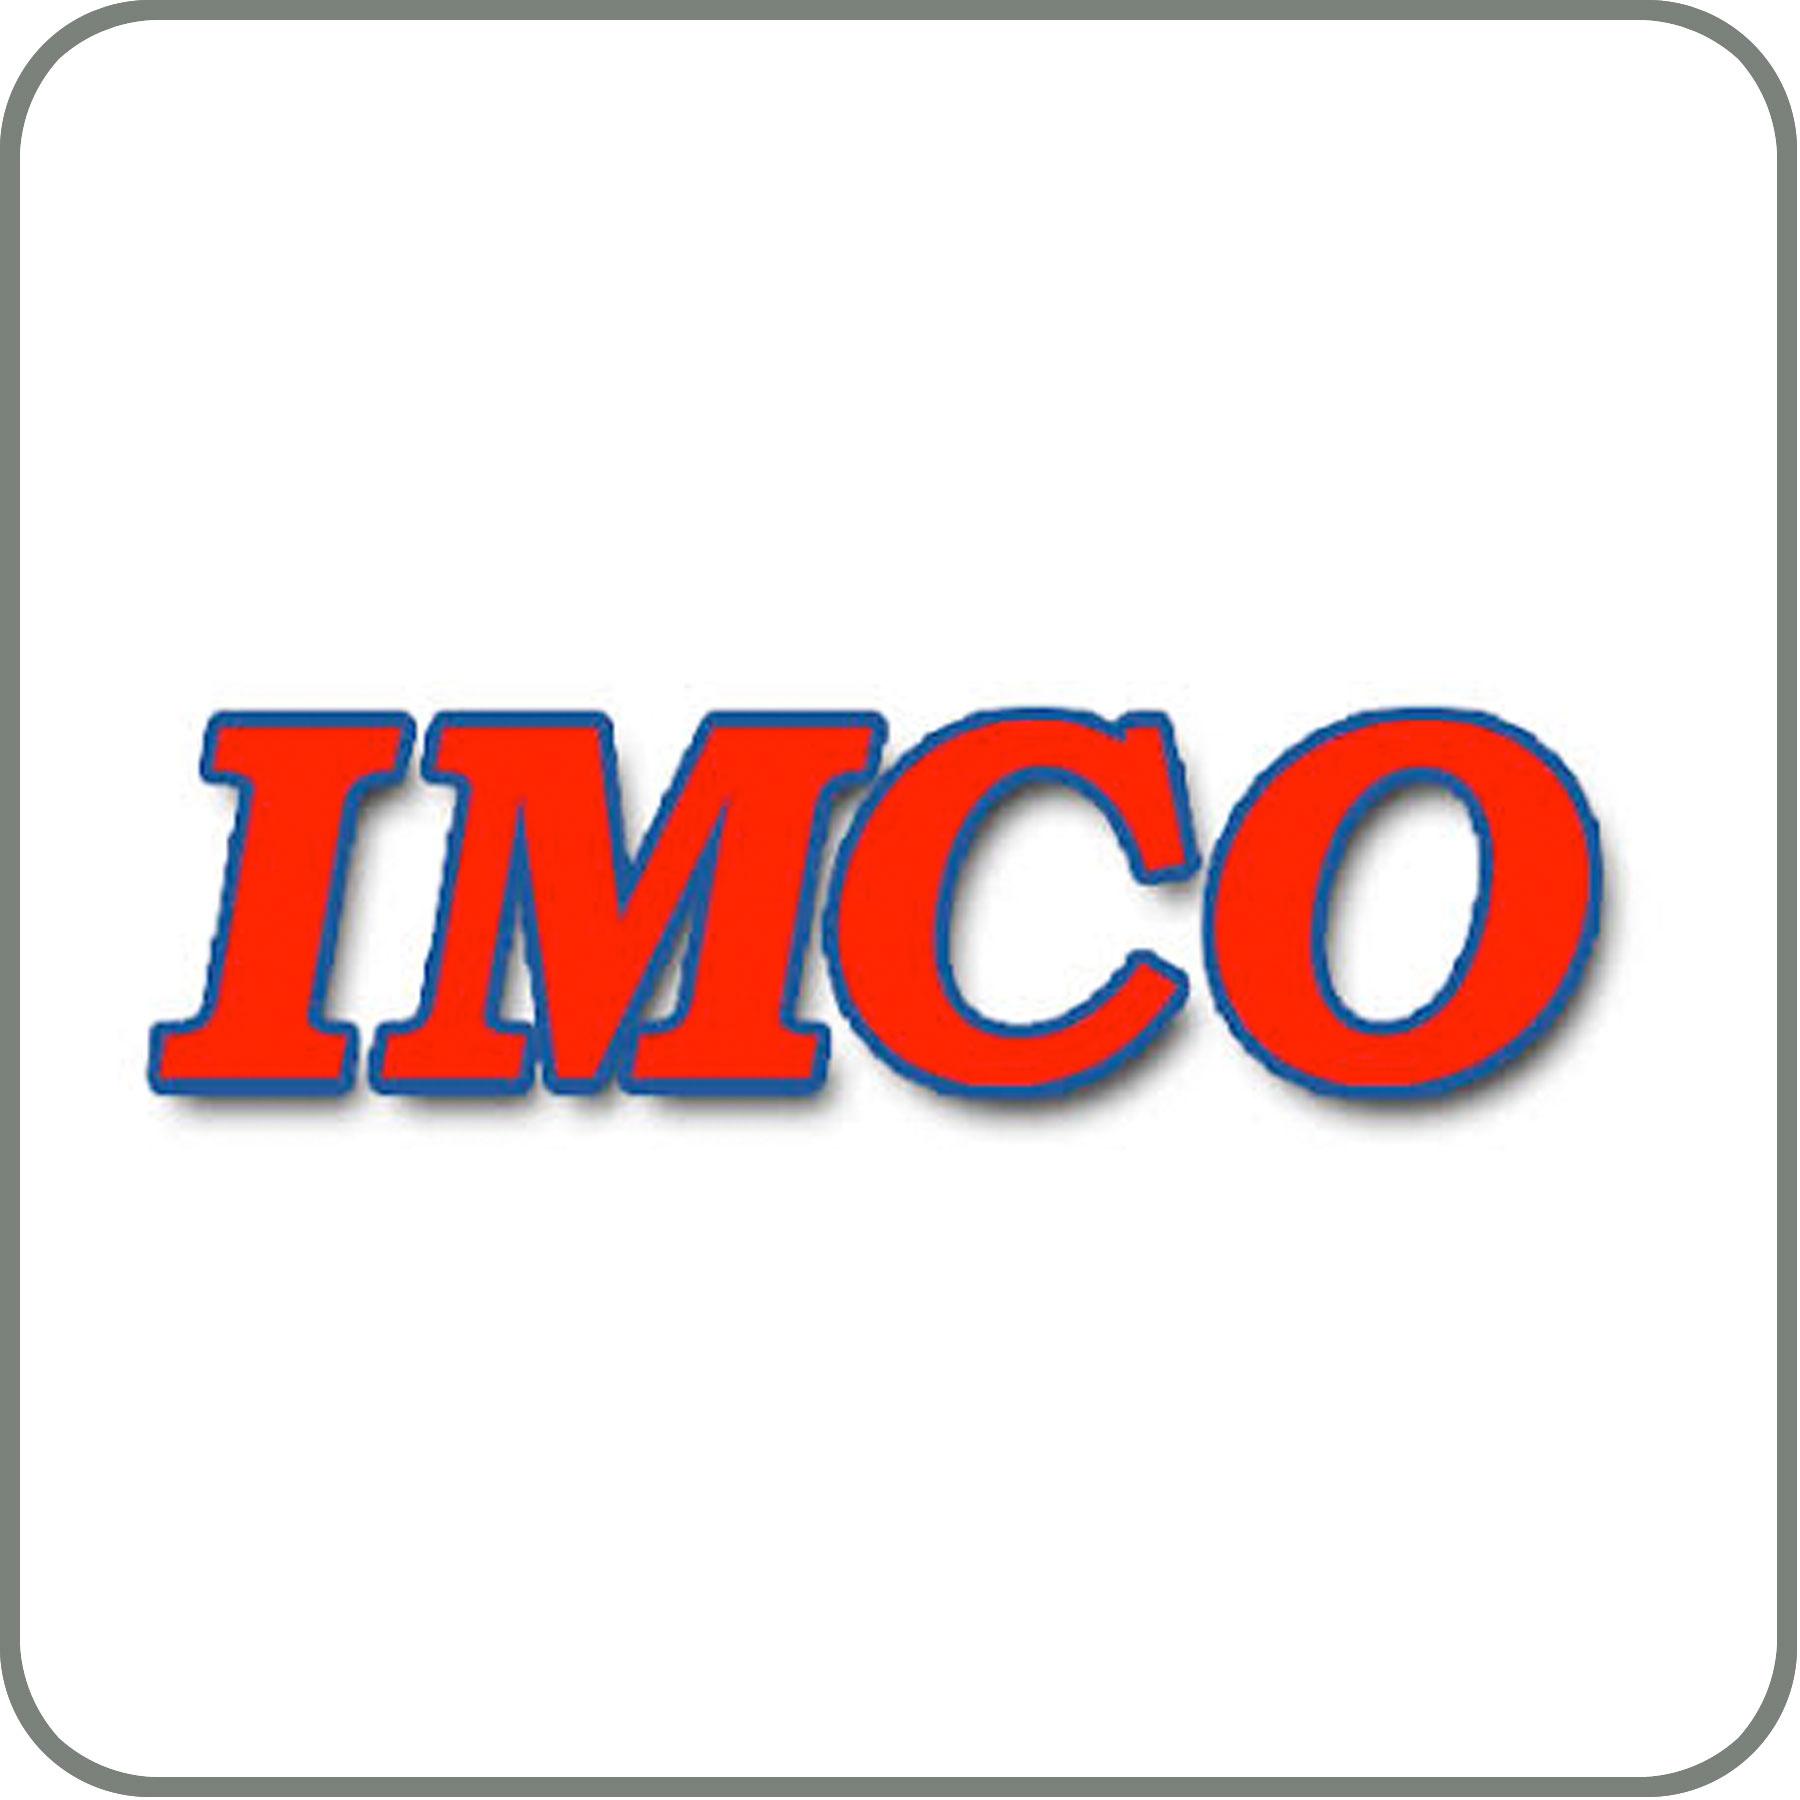 logos-lrg-imco.jpg